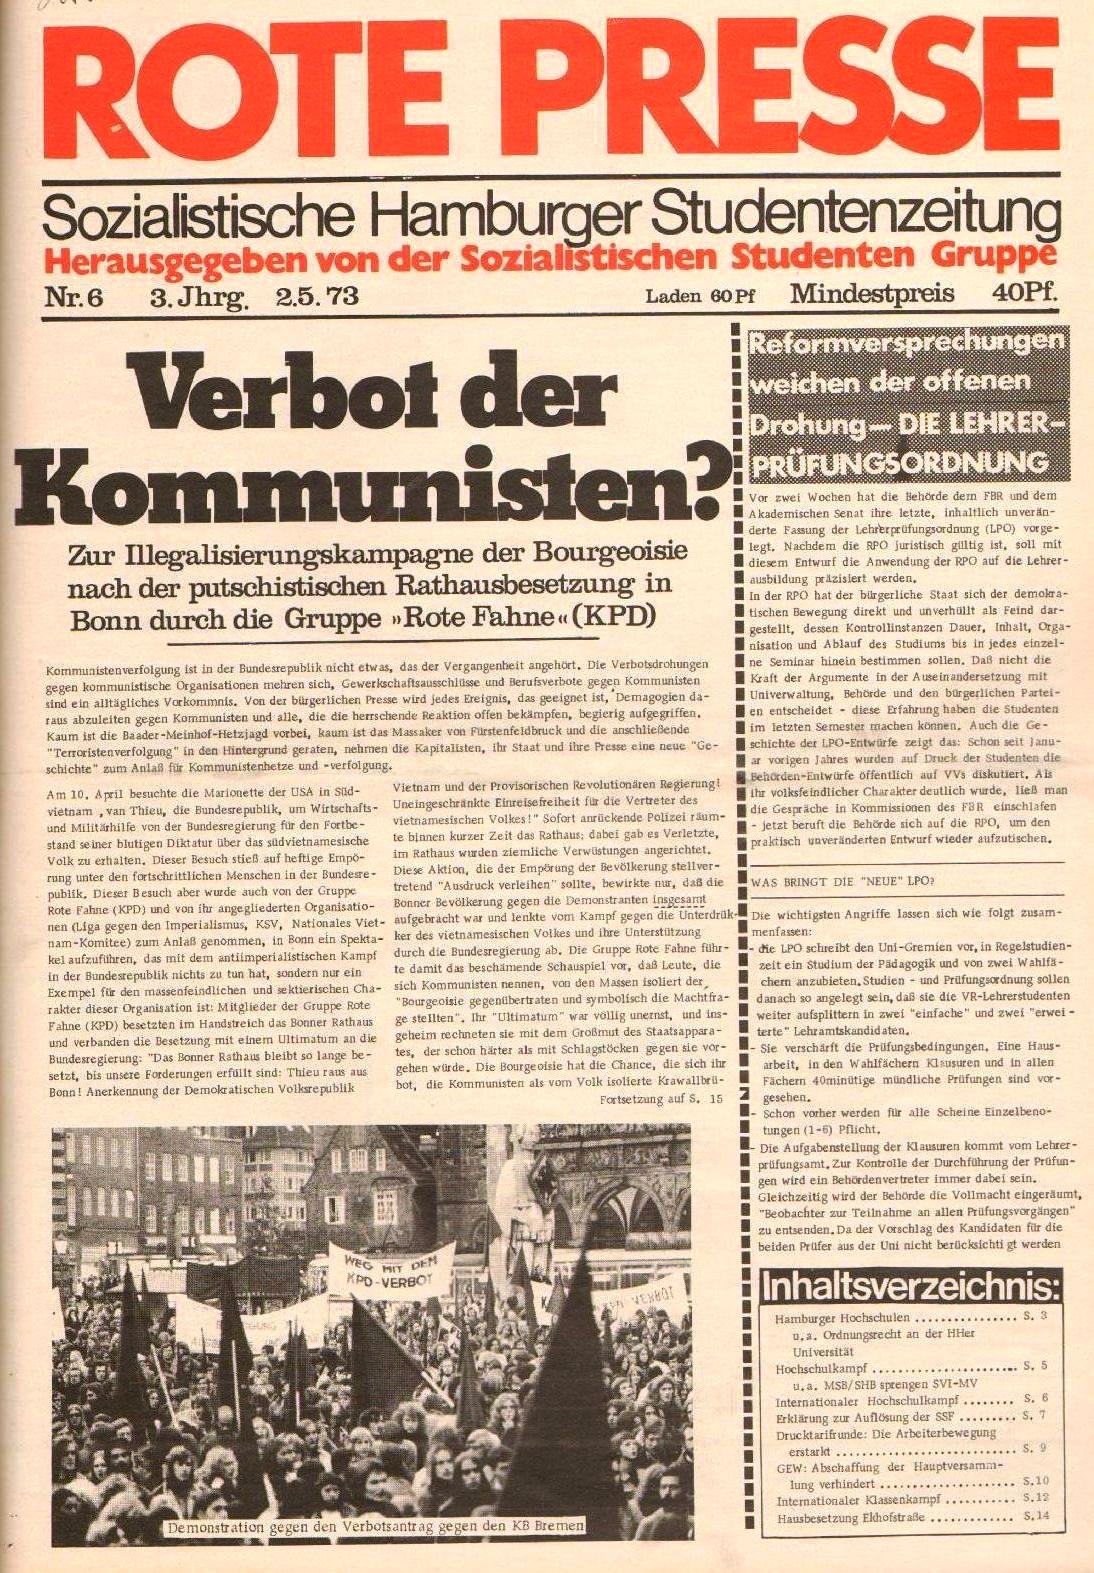 Hamburg_Rote_Presse169